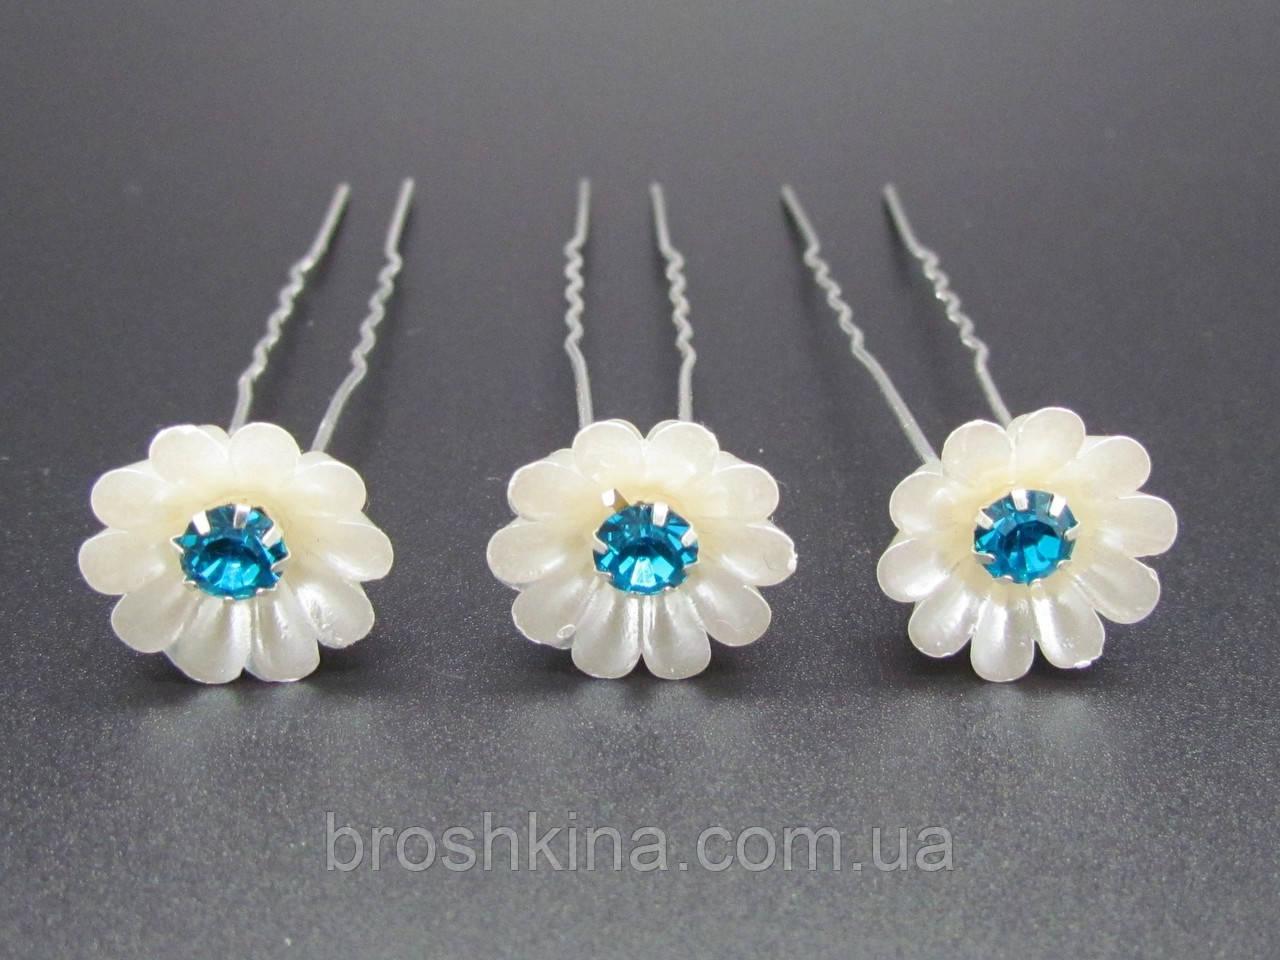 Шпильки цветок Ø 1.5 см голубые камни 20 шт/уп.